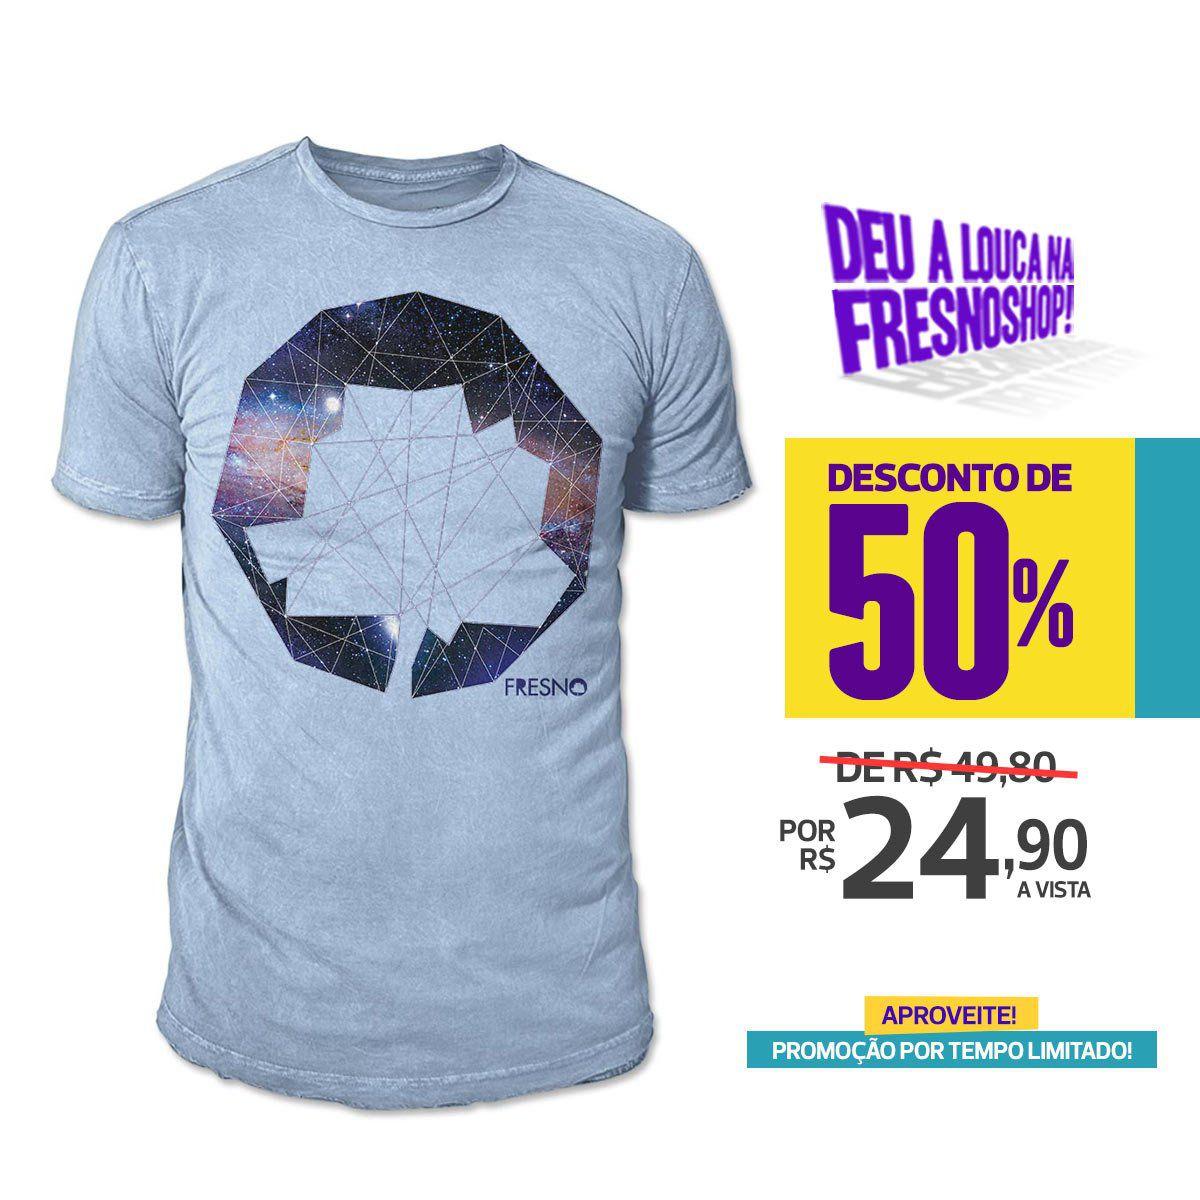 SUPER PROMOÇÃO Fresno - Camiseta Masculina Logo Galáxias PAZ